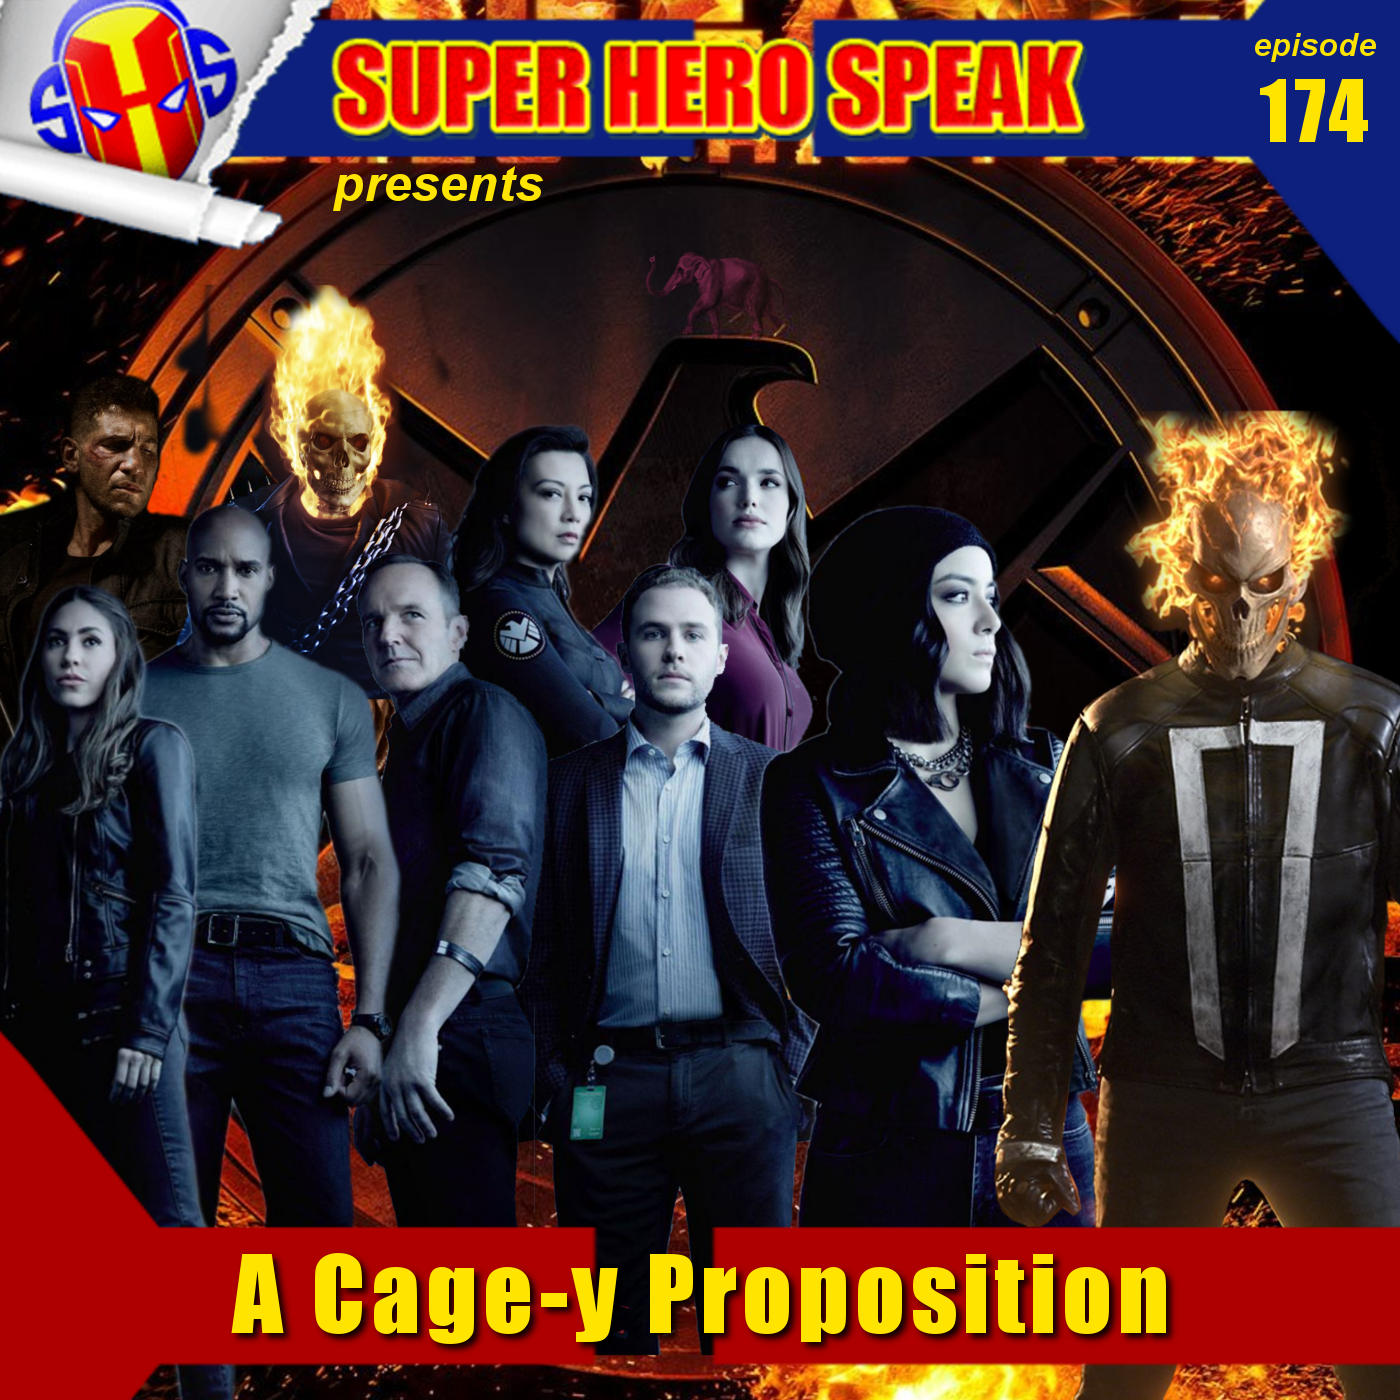 #174: A Cage-y Proposition